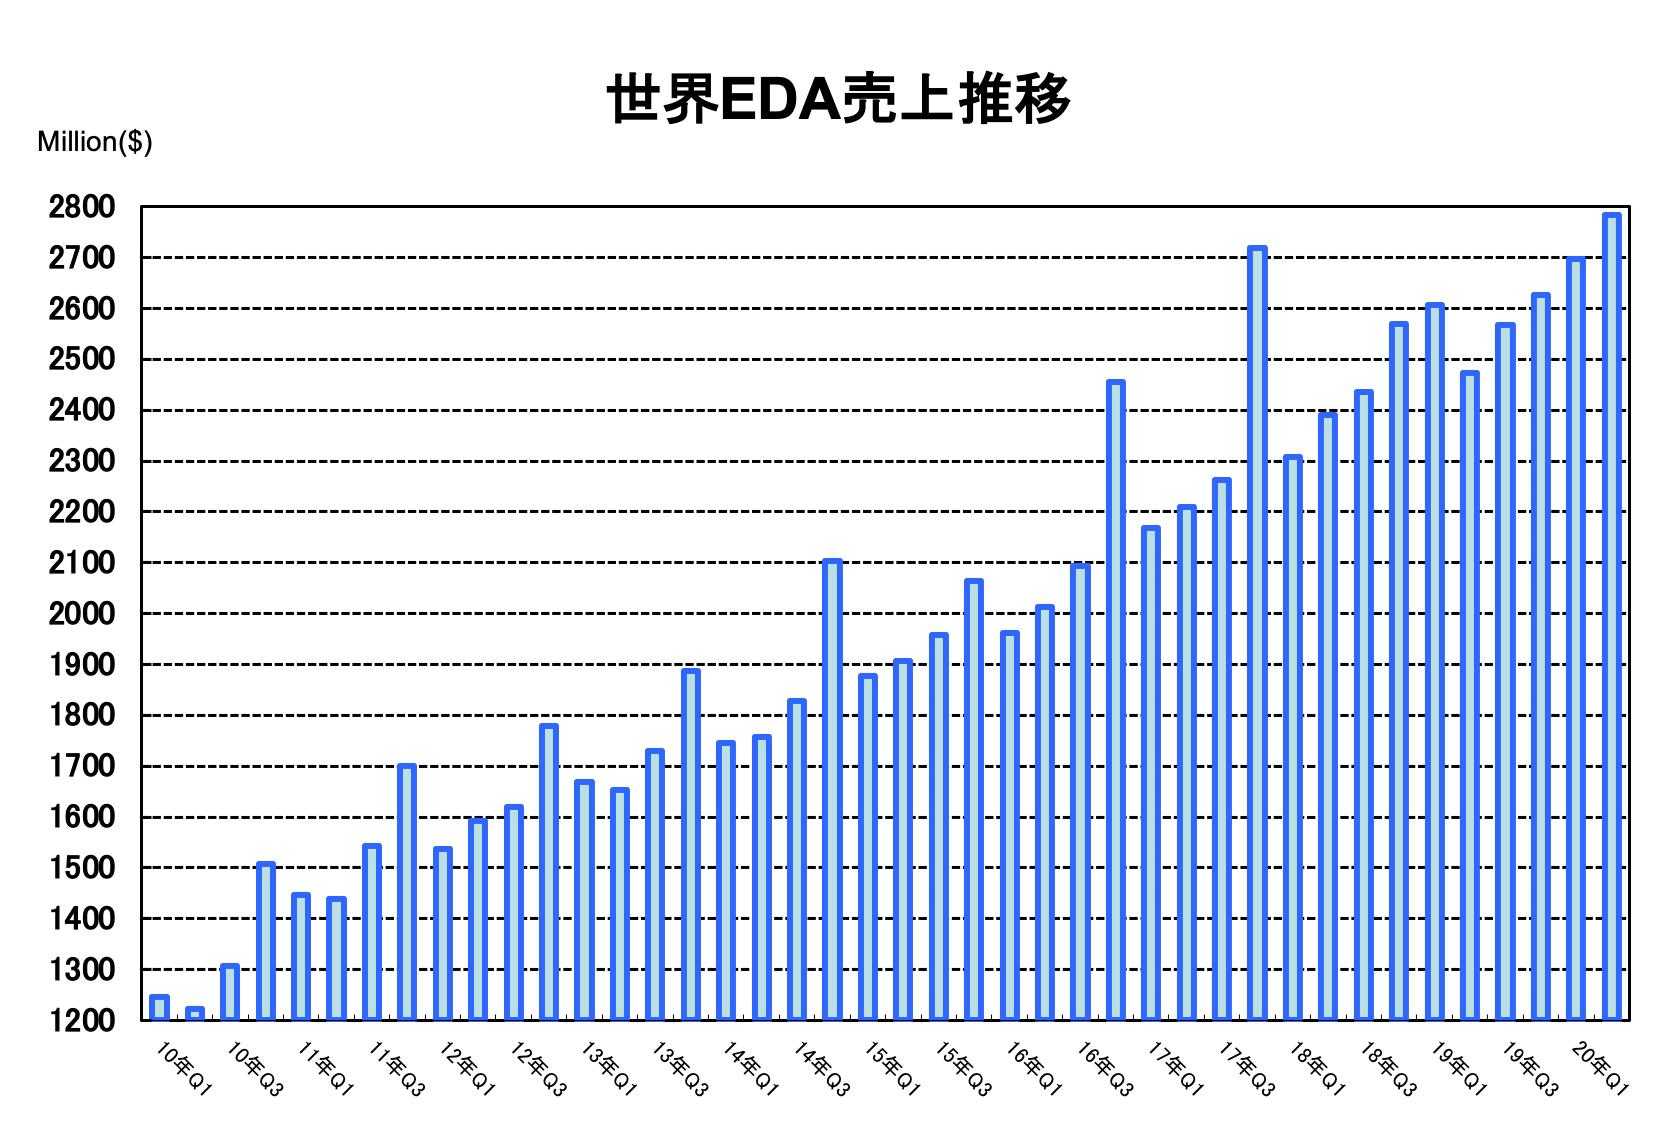 https://www.eda-express.com/%E3%82%B9%E3%82%AF%E3%83%AA%E3%83%BC%E3%83%B3%E3%82%B7%E3%83%A7%E3%83%83%E3%83%88%202020-10-06%2014.21.14.png